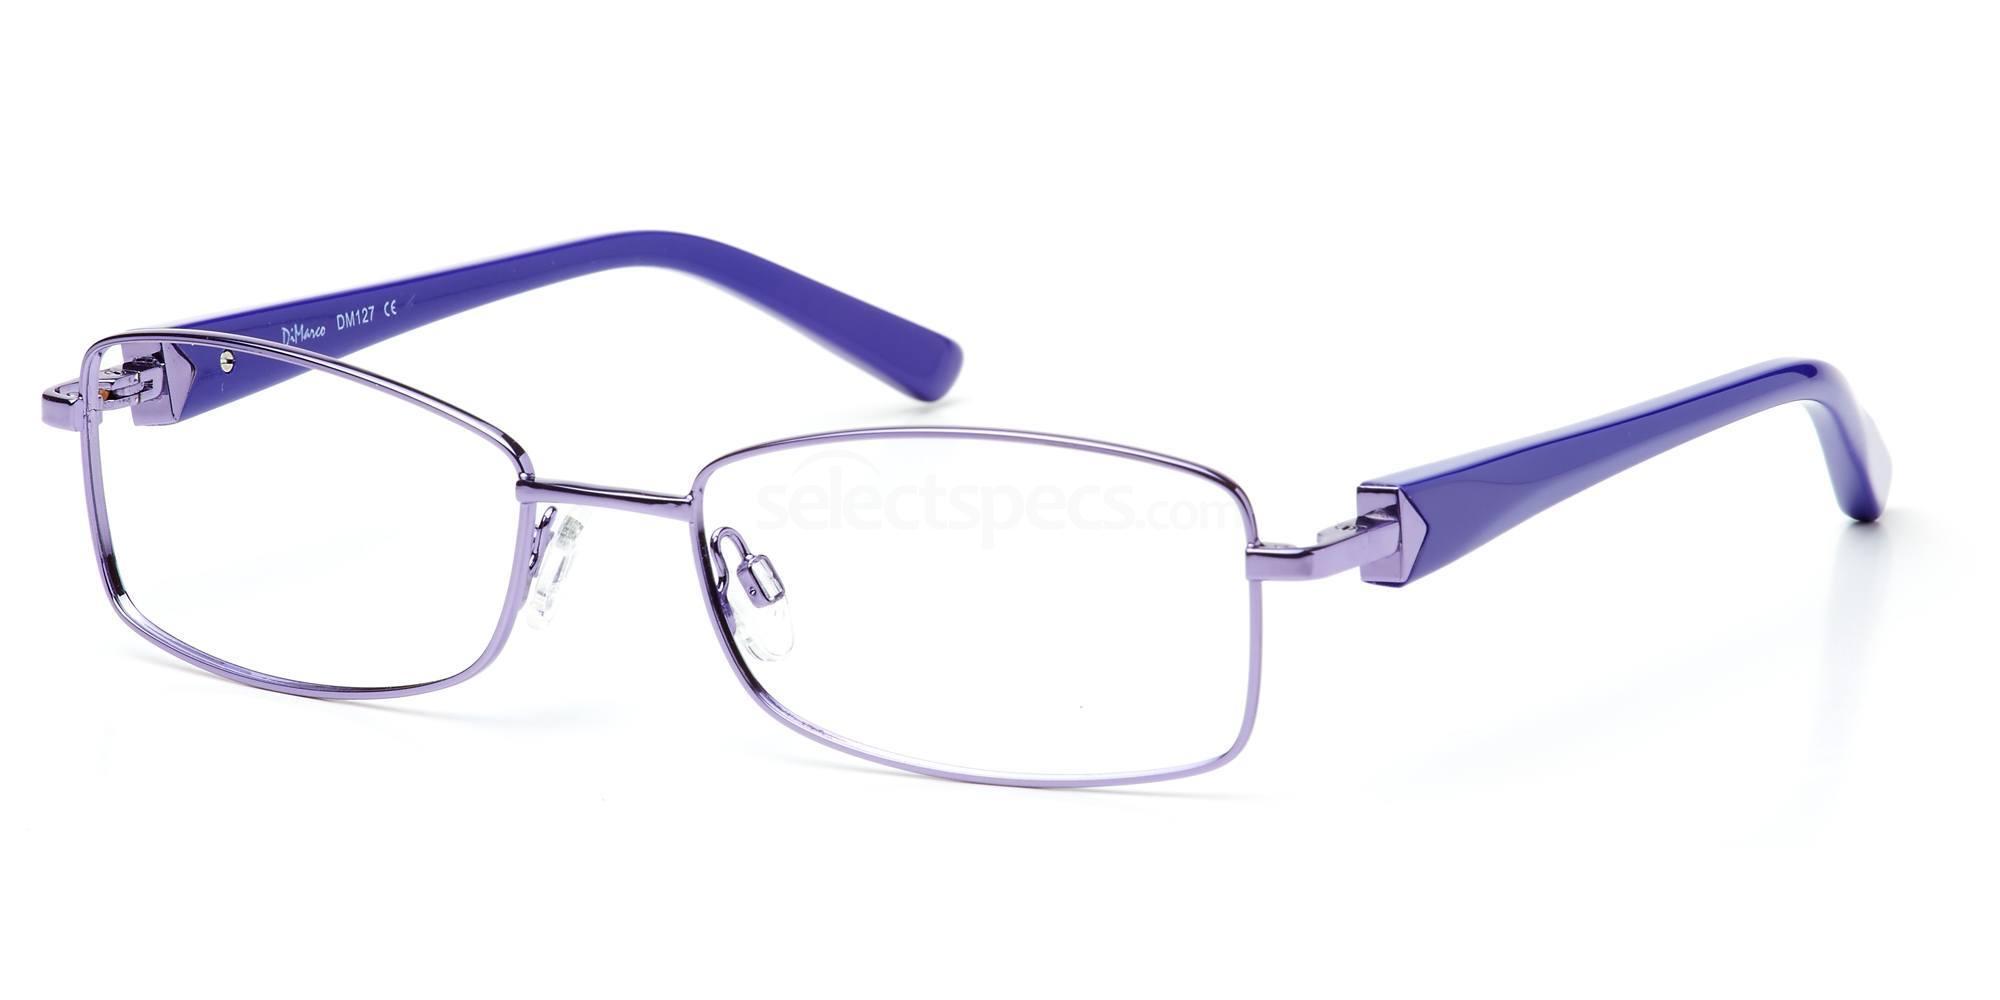 C1 DM127 Glasses, DiMarco